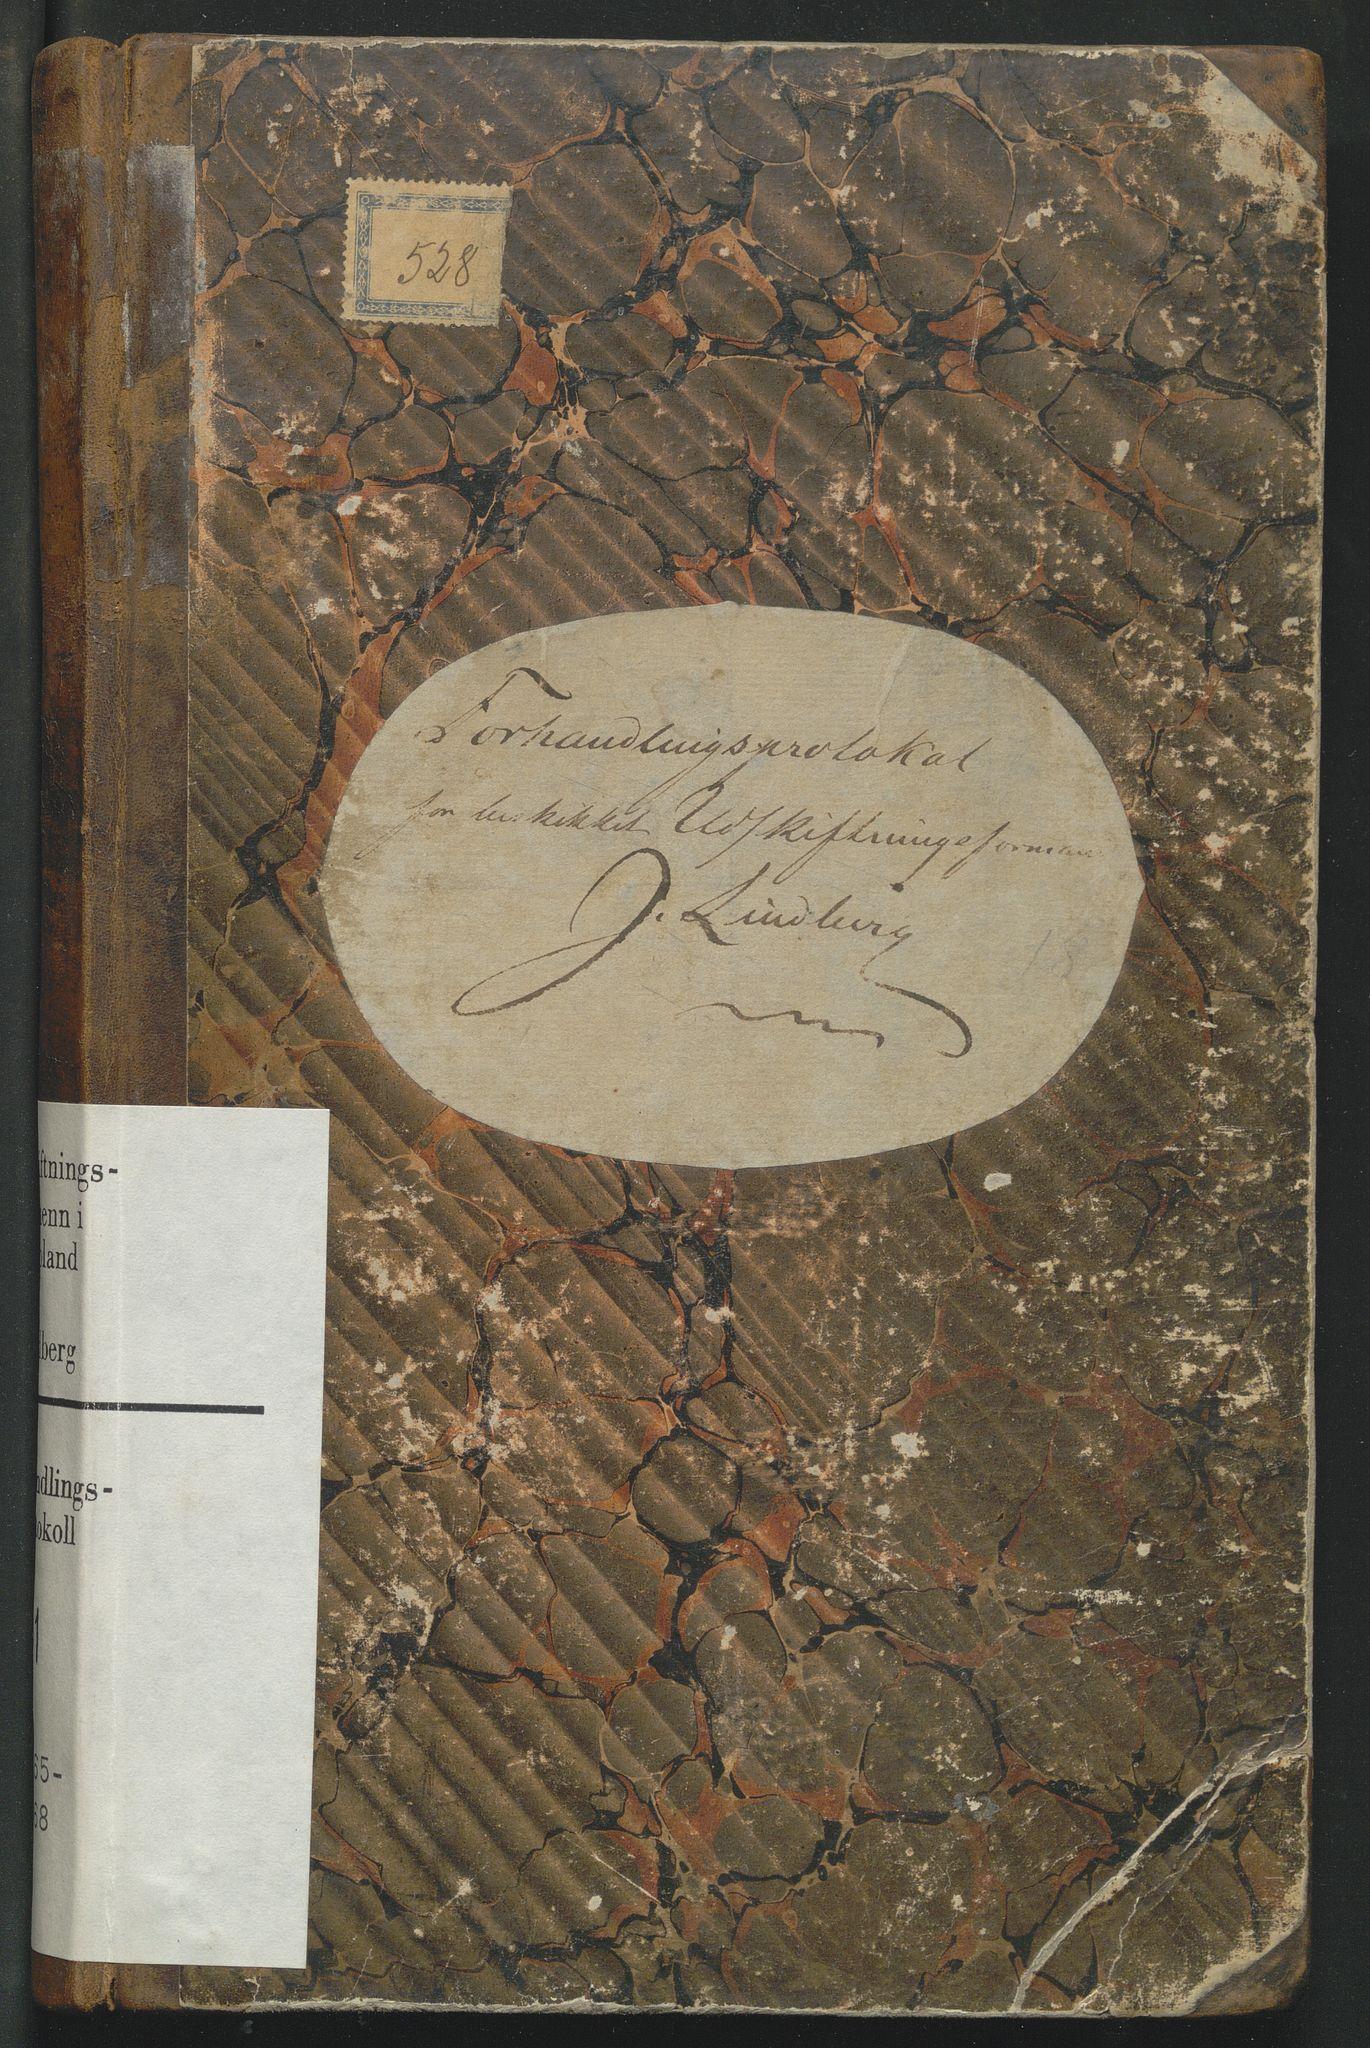 SAH, Utskiftningsformannen i Oppland fylke, H/Hf/Hfg/L0001: Forhandlingsprotokoll - Toten og Hadeland, 1865-1868